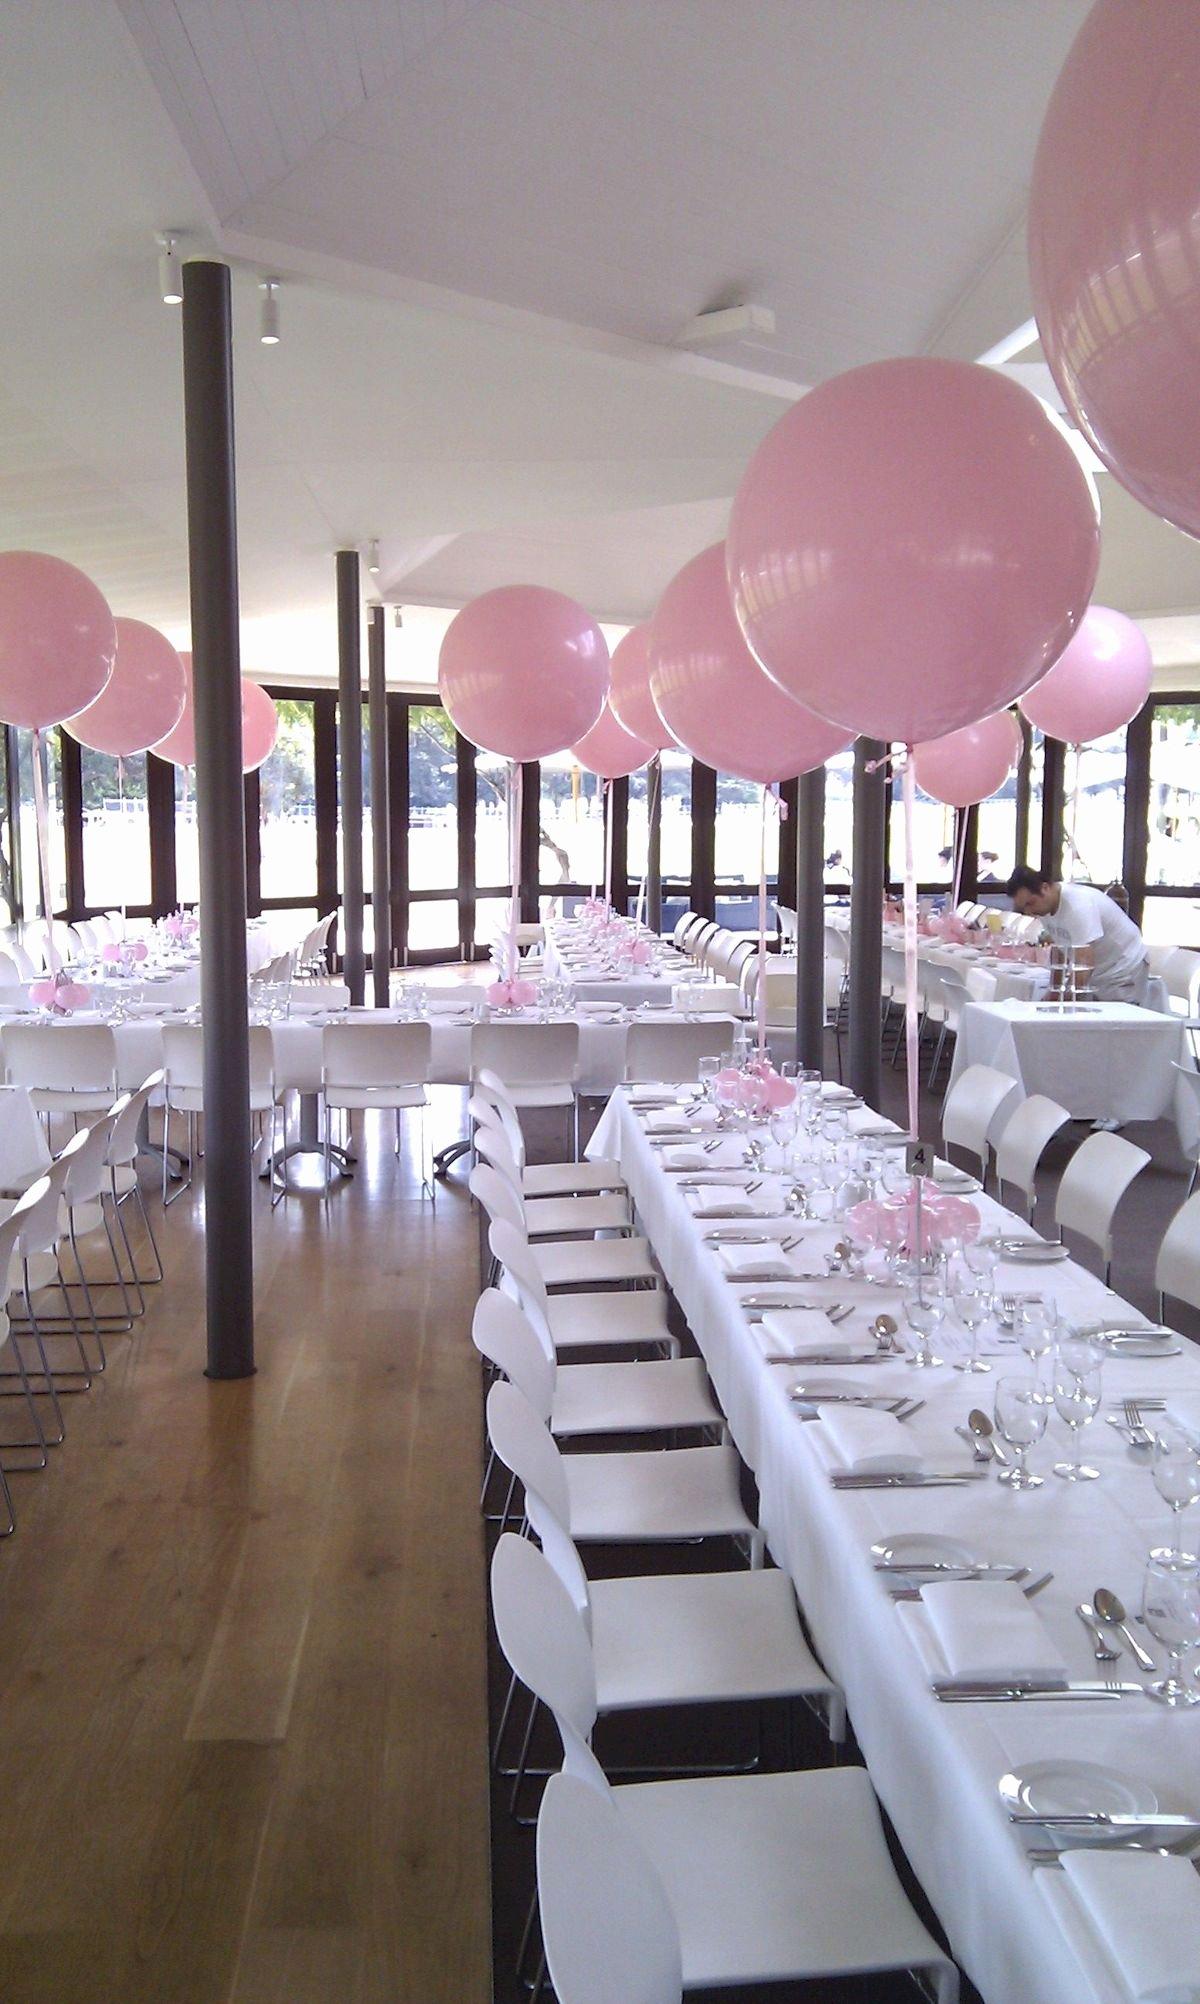 Restaurant Birthday Decoration Ideas Best Of Birthday Party Decoration Ideas 100 Jihanshanum